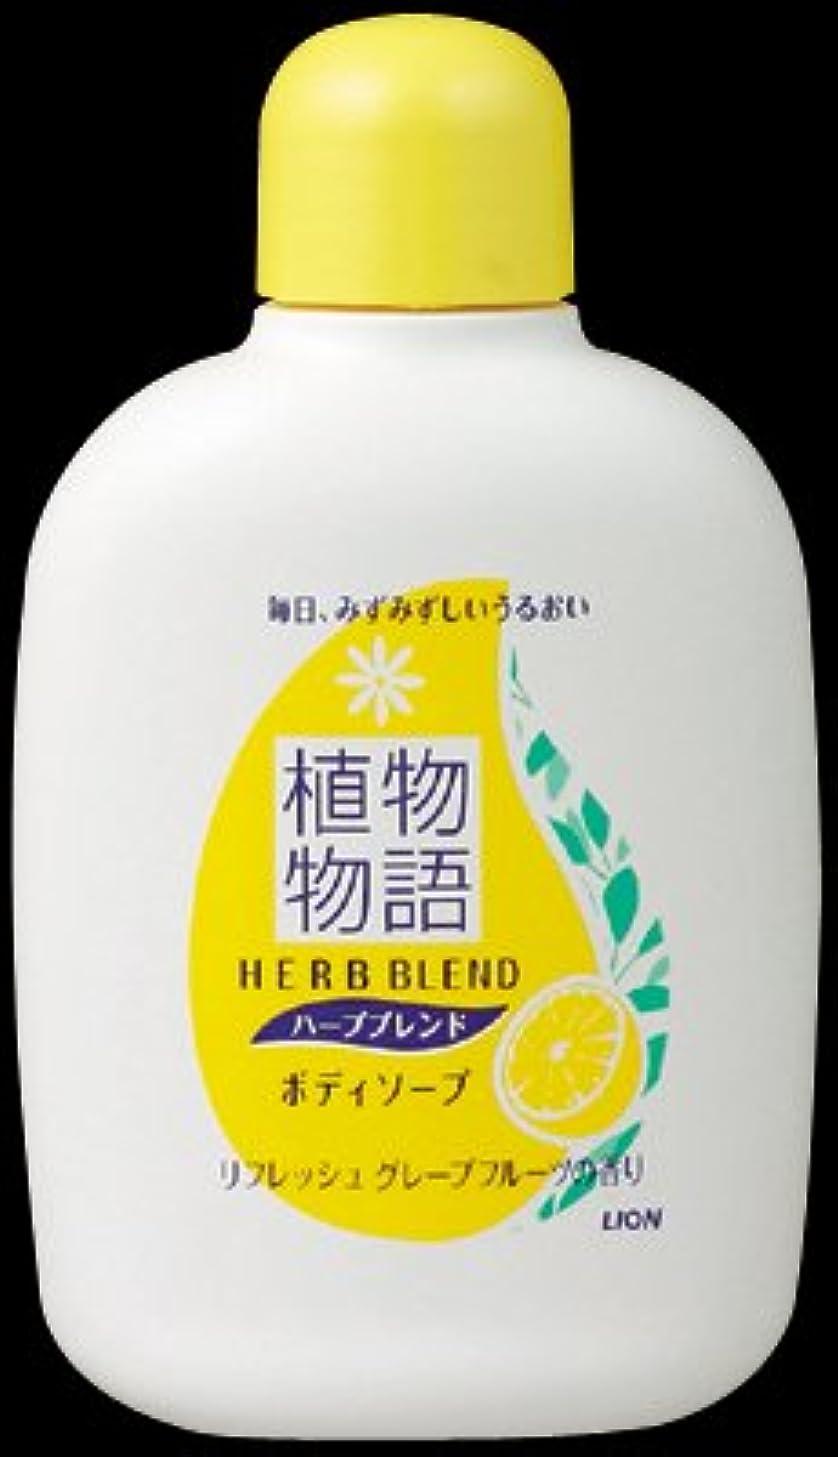 鎮静剤小包悲惨ライオン 植物物語 ハーブブレンドボディソープ グレープフルーツの香り トラベル90ml×24点セット (4903301325048)